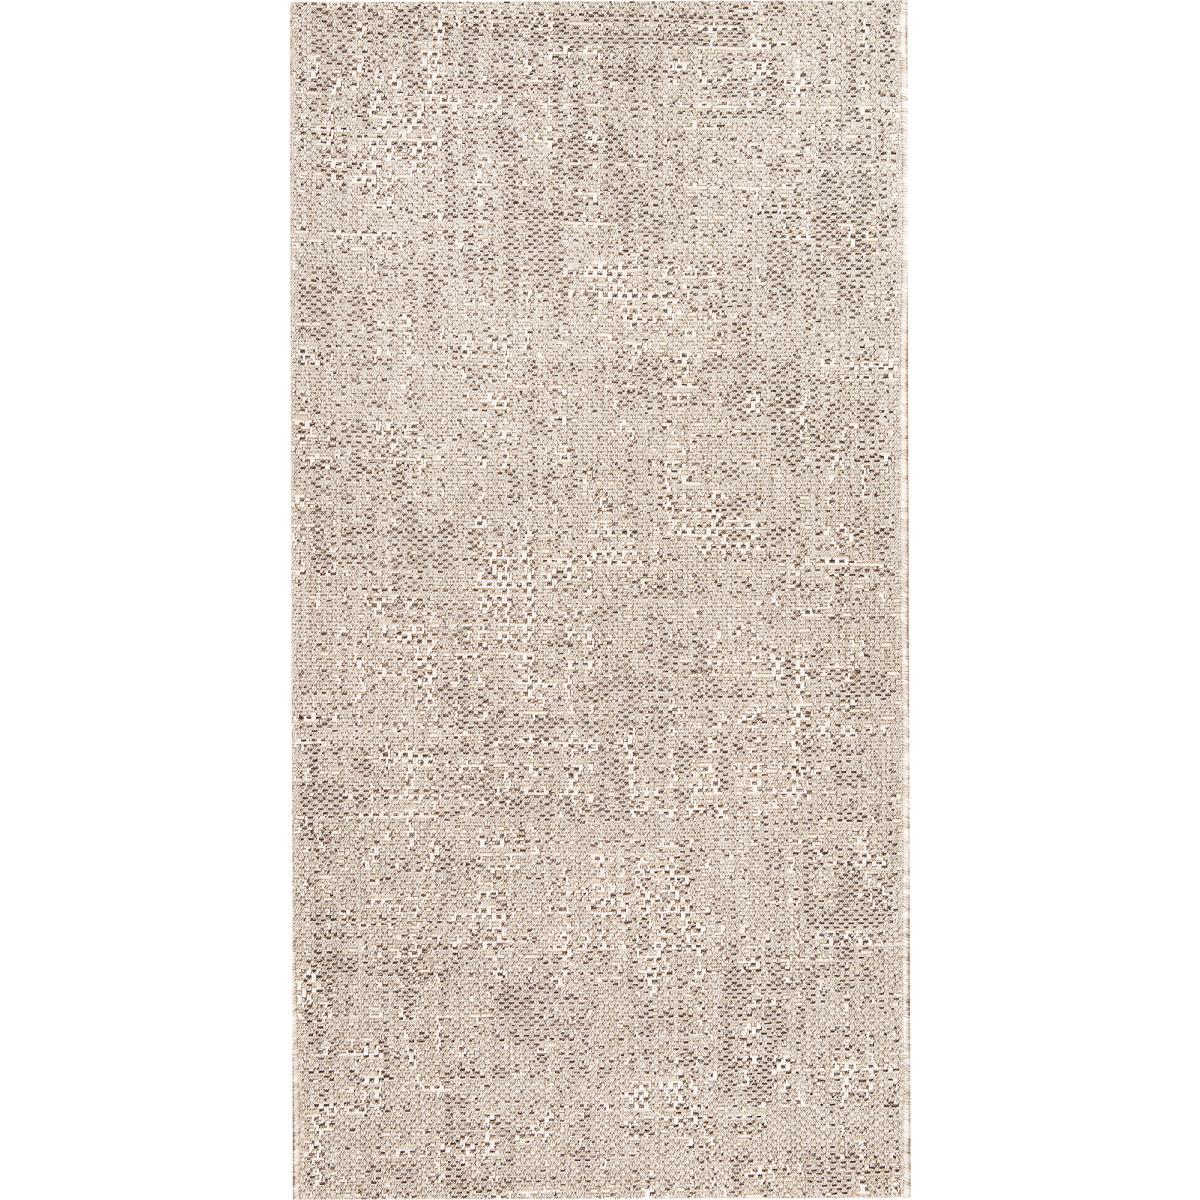 Ковёр Grace 39495/763 0.8х1.5 м цвет серый